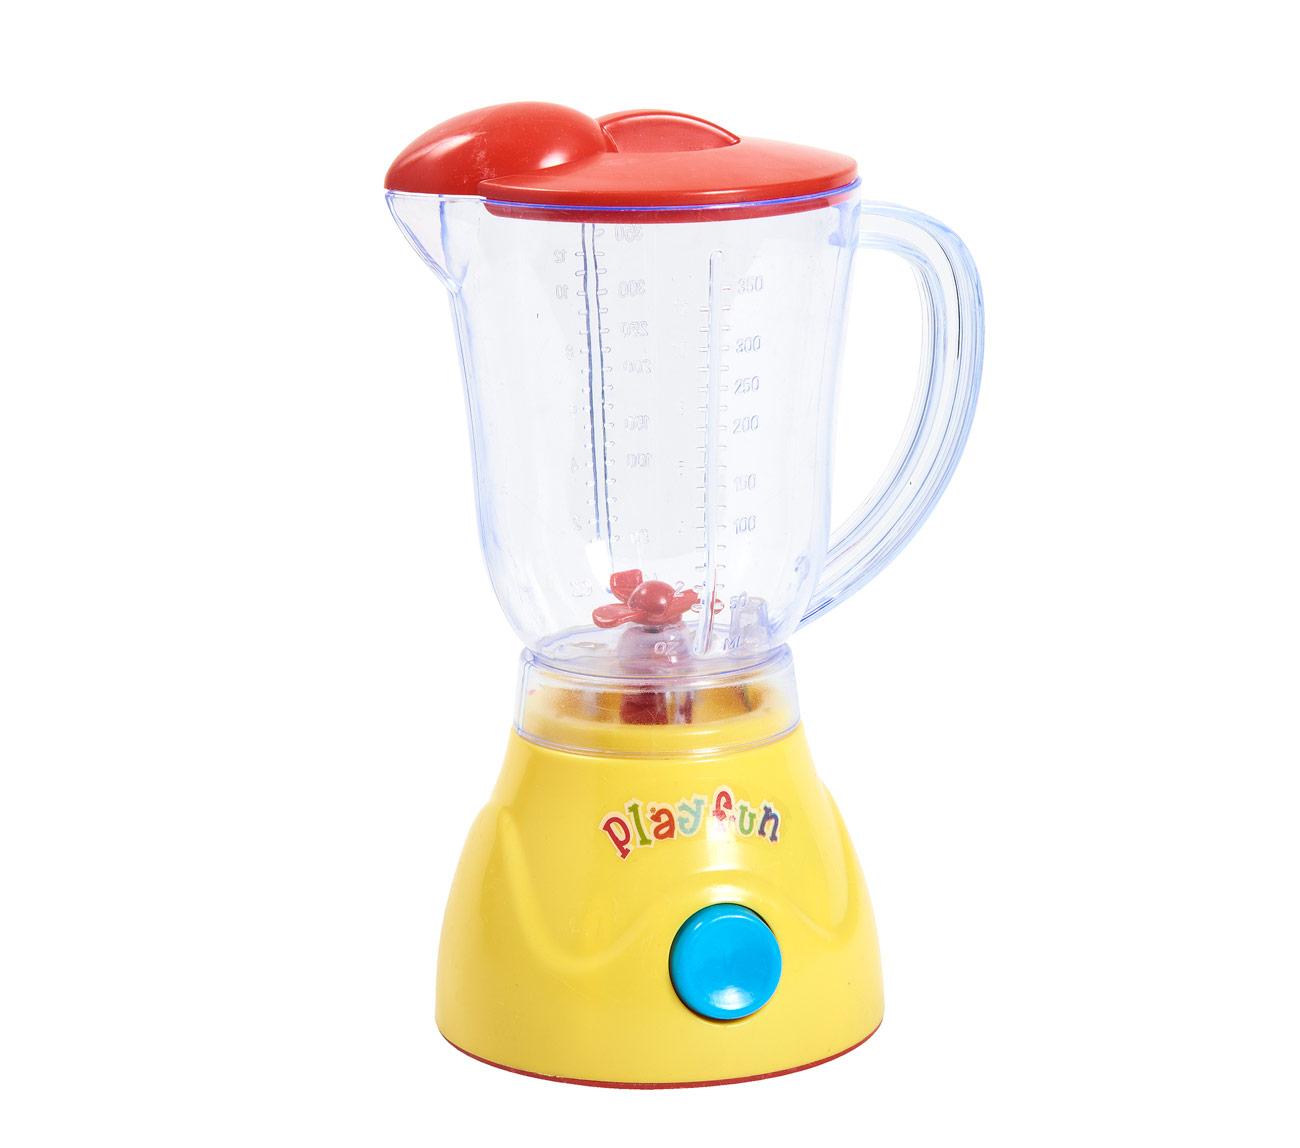 Juguete. Licuadora Juguera  con funciones y sonidos, Incluye: 1 licuadora 1 vaso y 3 frutas. Medida: 20 cm de alto. Pilas no incluidas. Recomendada para + de 3 años.